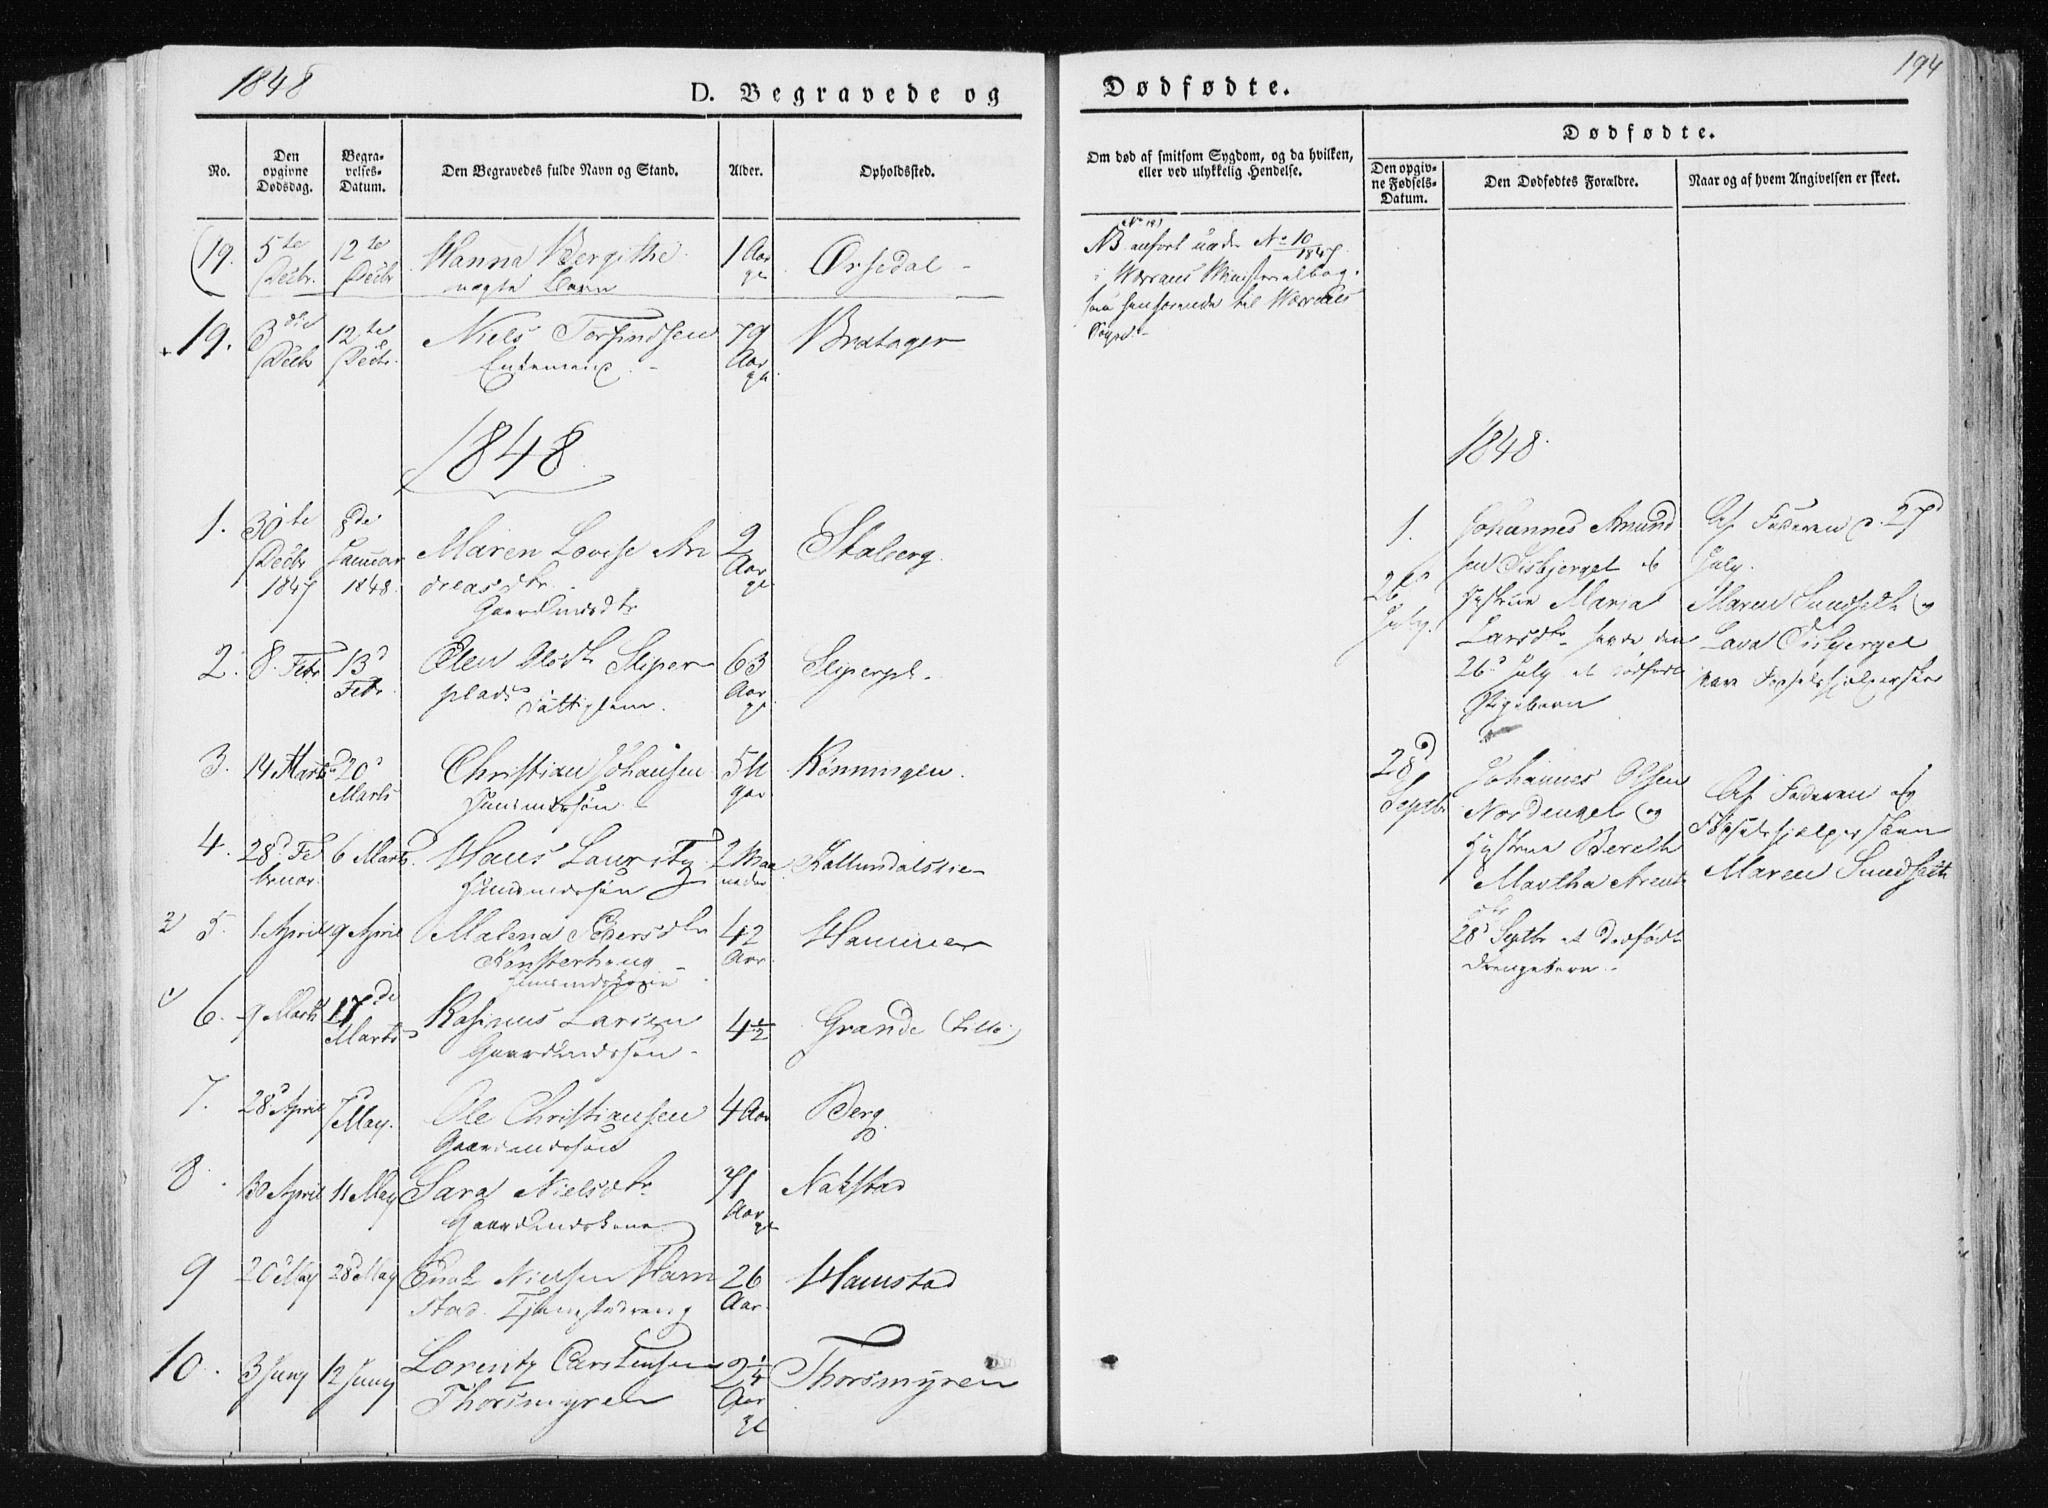 SAT, Ministerialprotokoller, klokkerbøker og fødselsregistre - Nord-Trøndelag, 733/L0323: Ministerialbok nr. 733A02, 1843-1870, s. 194